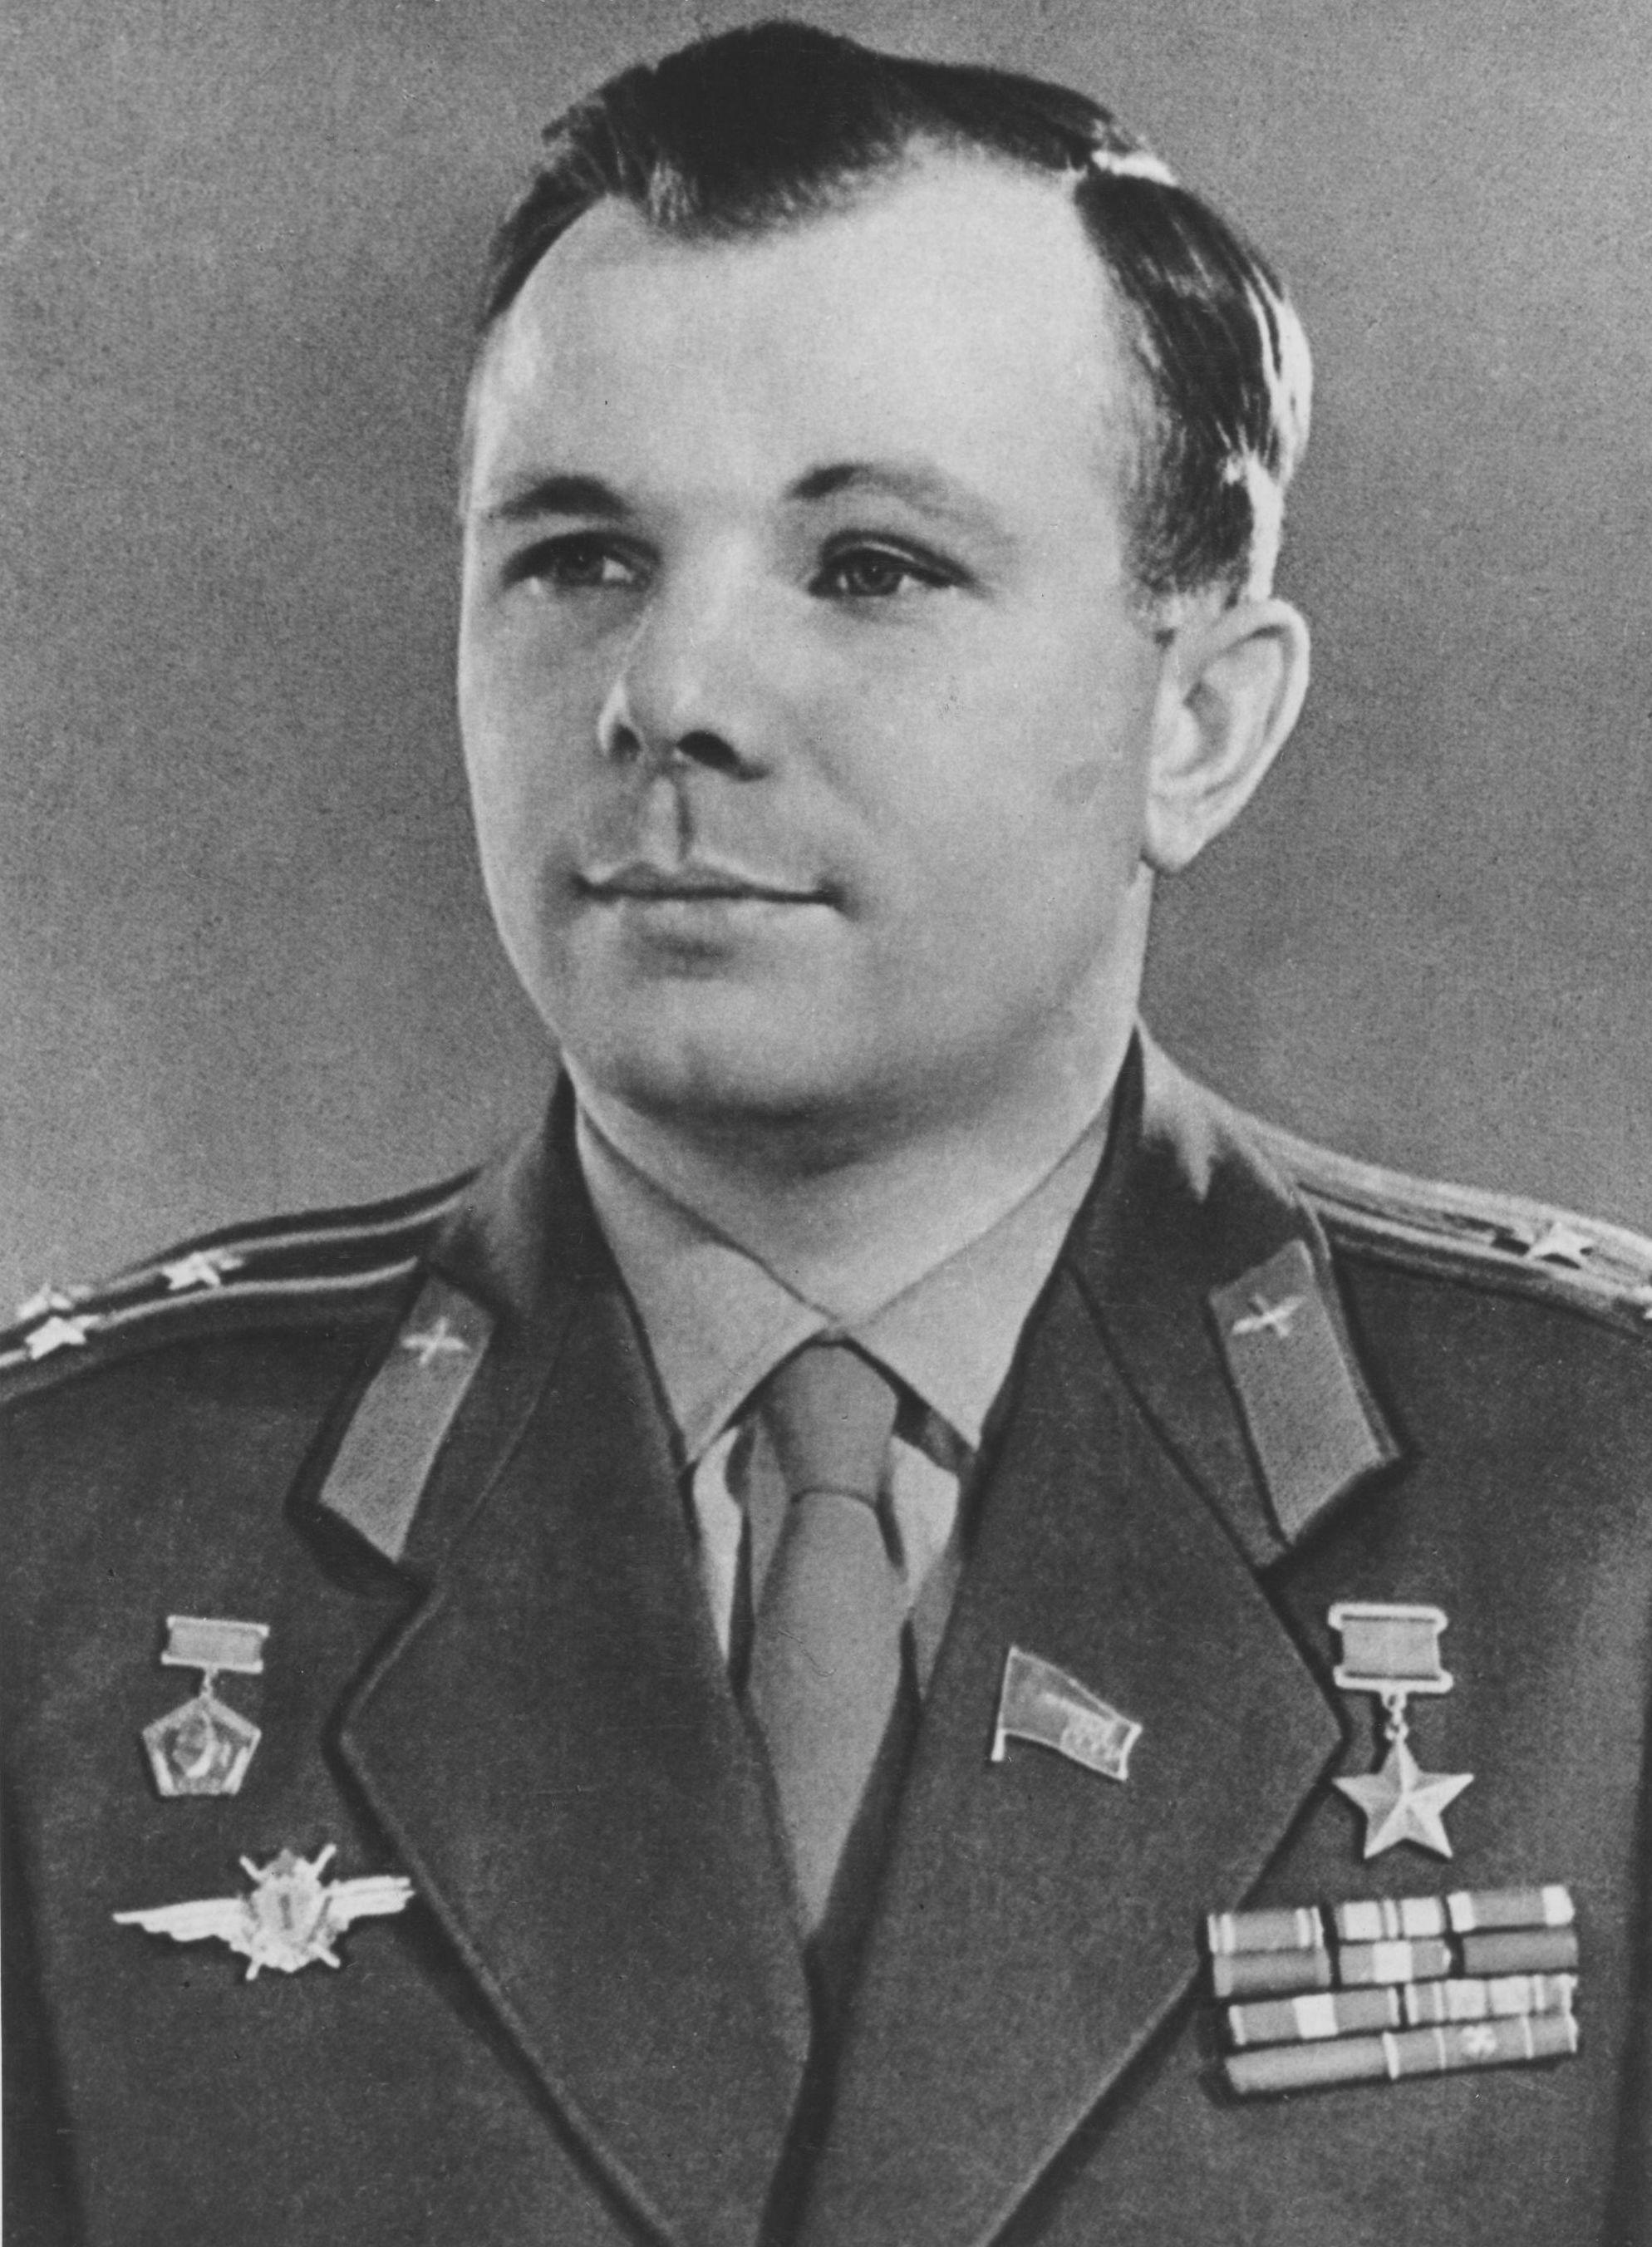 Another Yuri Gagarin